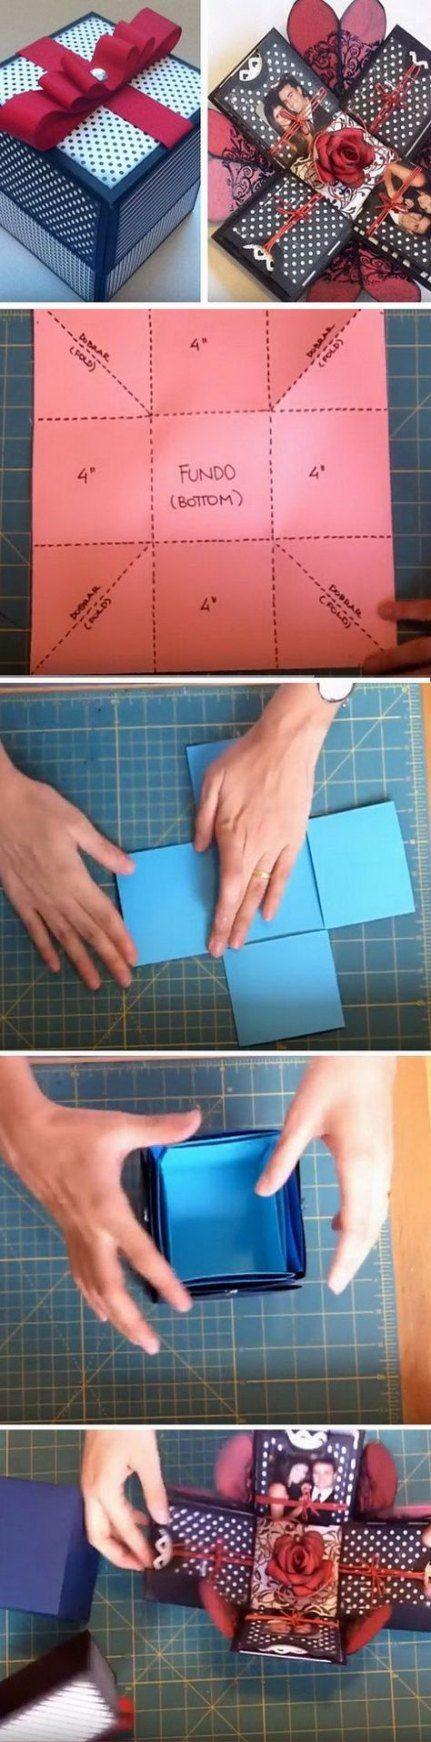 Gifts birthday boyfriend creative 50 ideas